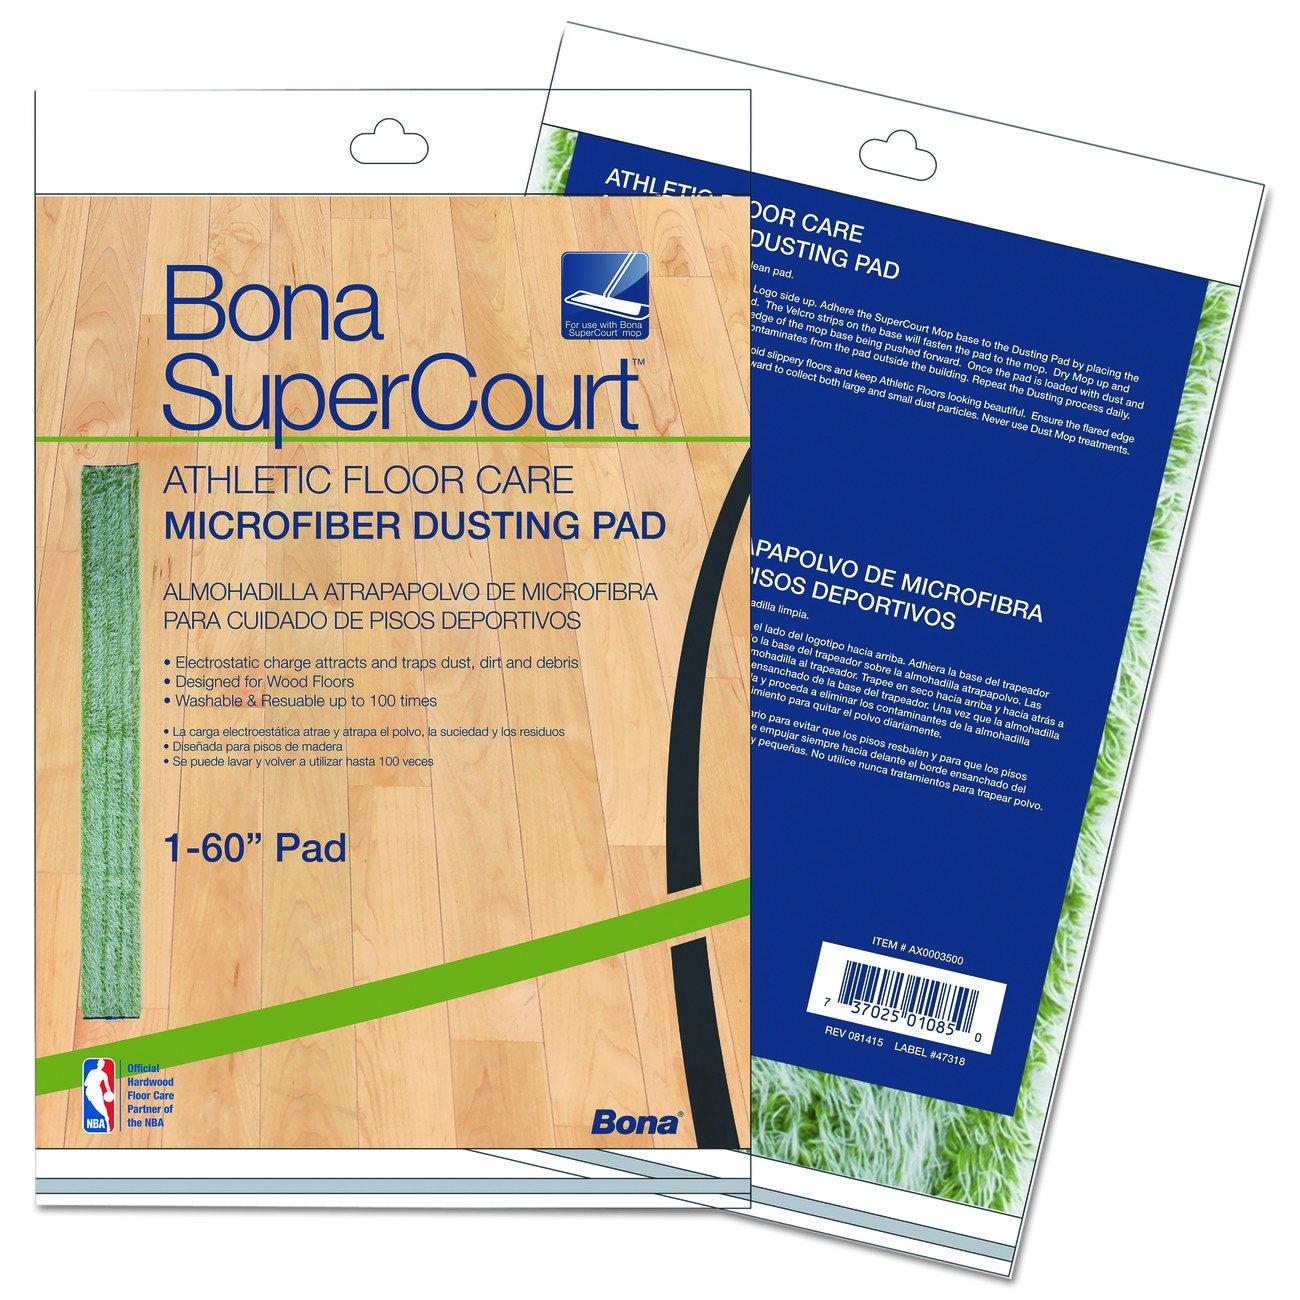 Bona AX0003500 Super Court Athletic Floor Care Microfiber Dusting Pad, 60'' Diameter, Green